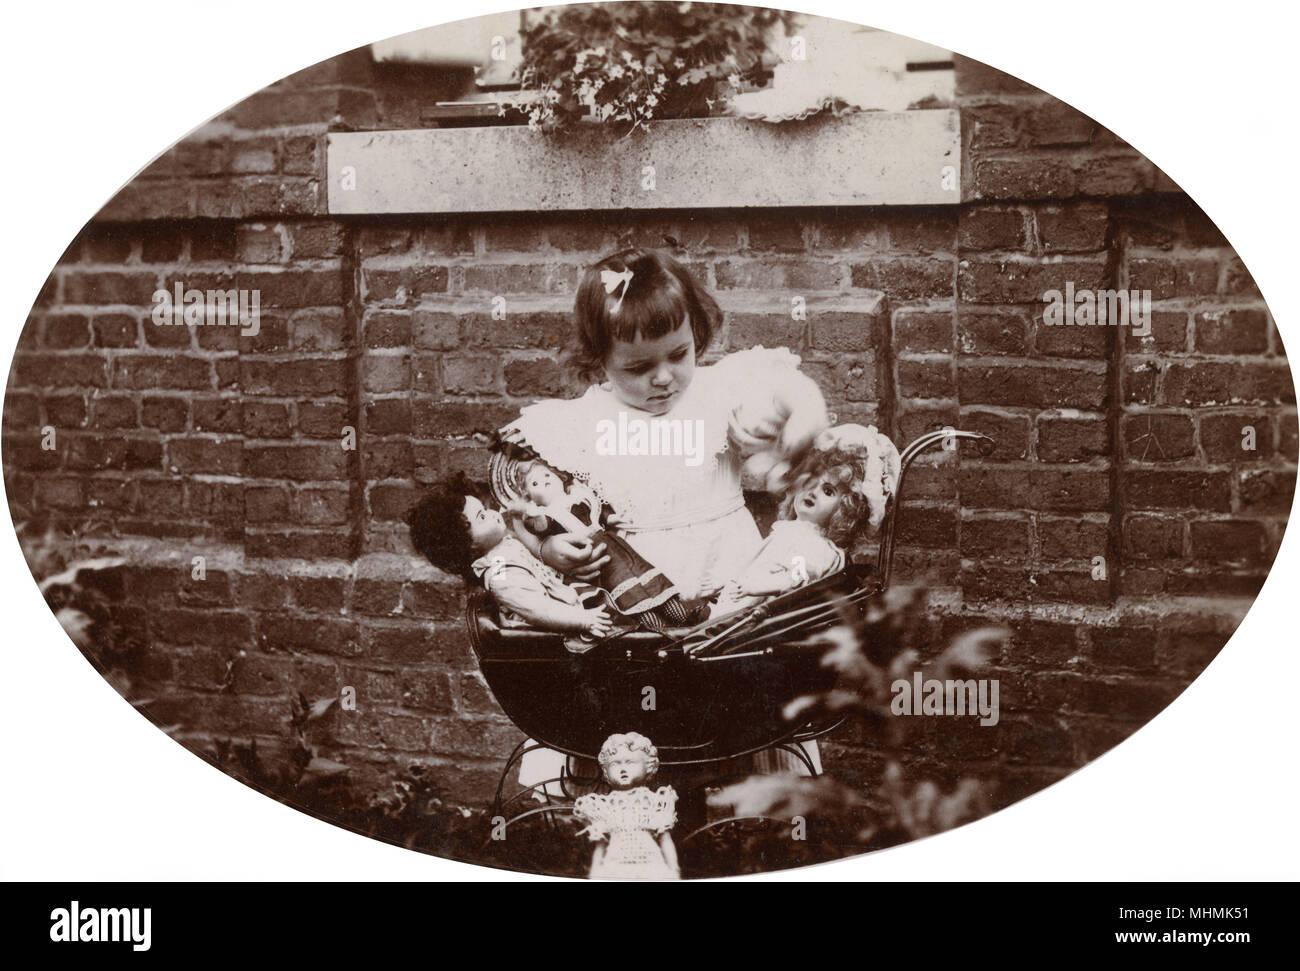 Una niña de Neufchatel, Francia, atiende a dos de sus muñecas en su cochecito mientras se abrocha el otro, mientras que un cuarto es apoyada contra la PRAM. Fecha: circa 1920 ? Foto de stock